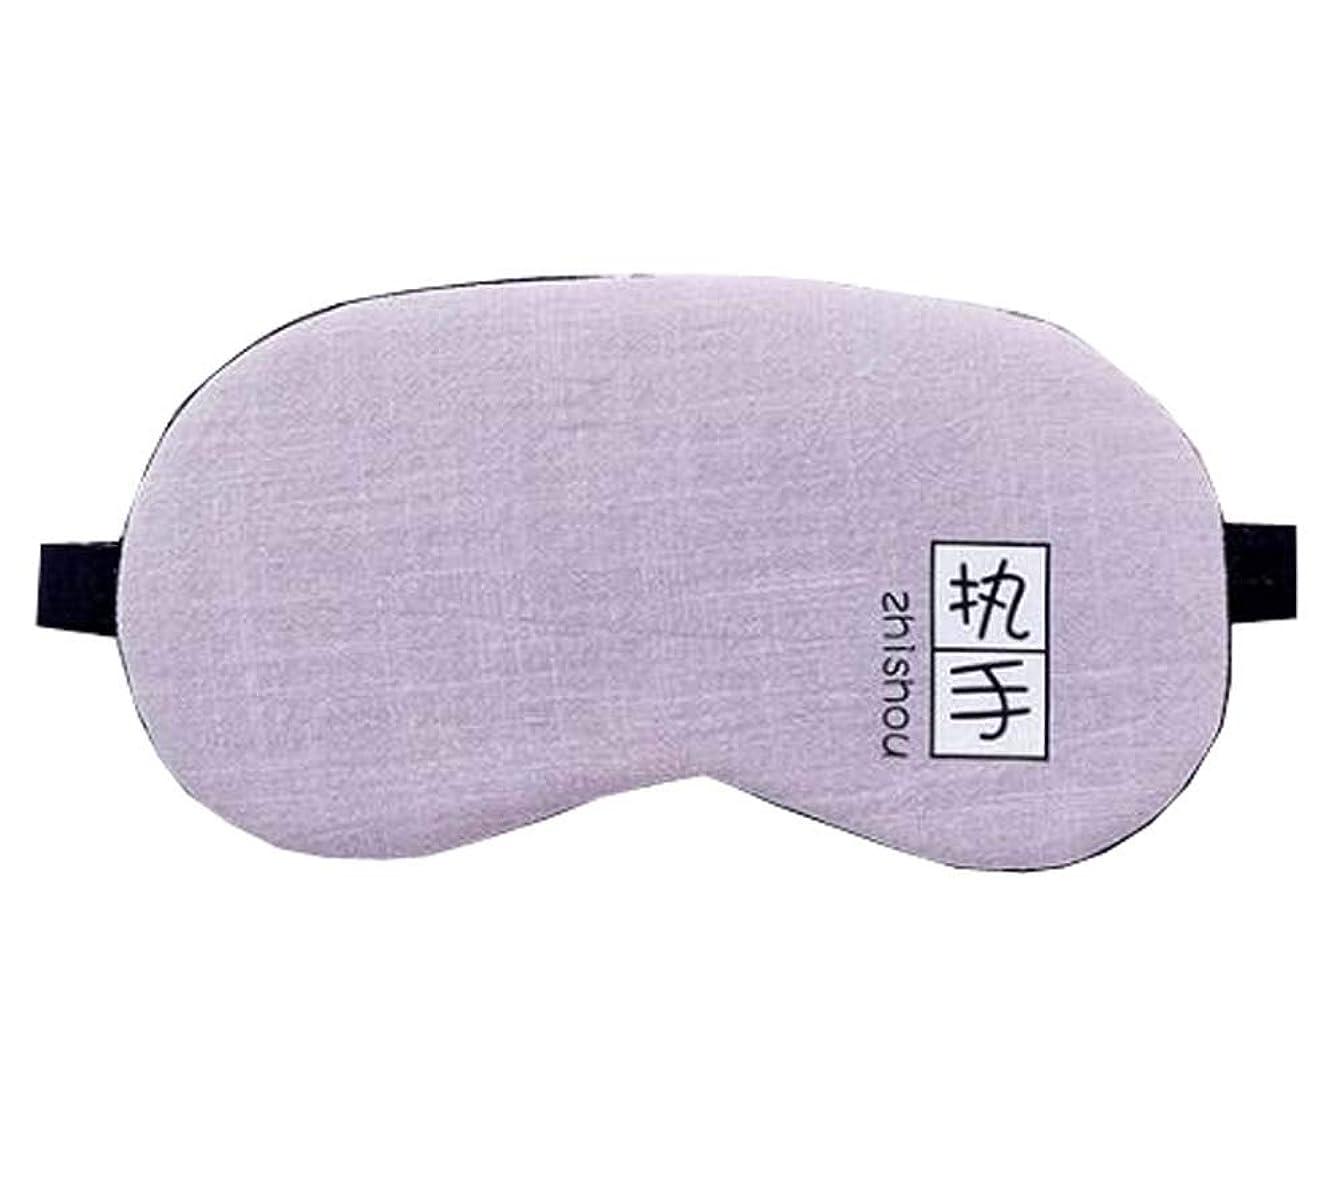 起きるサスペンションフラッシュのように素早く快適なかわいい目のマスクは、睡眠の作業のための不眠症とストレスを軽減し、C